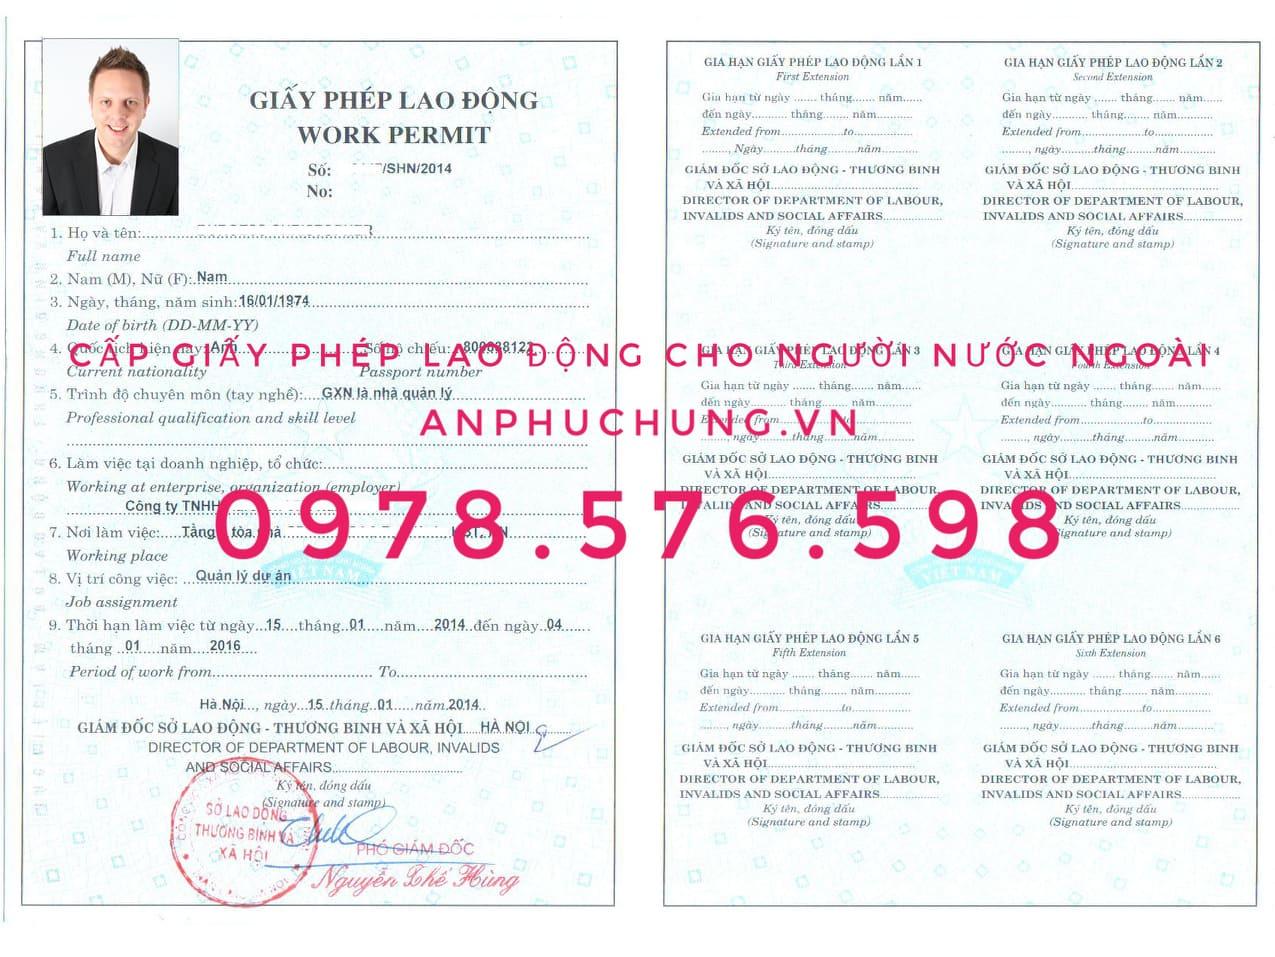 xin giấy phép lao động tại Bình Dương